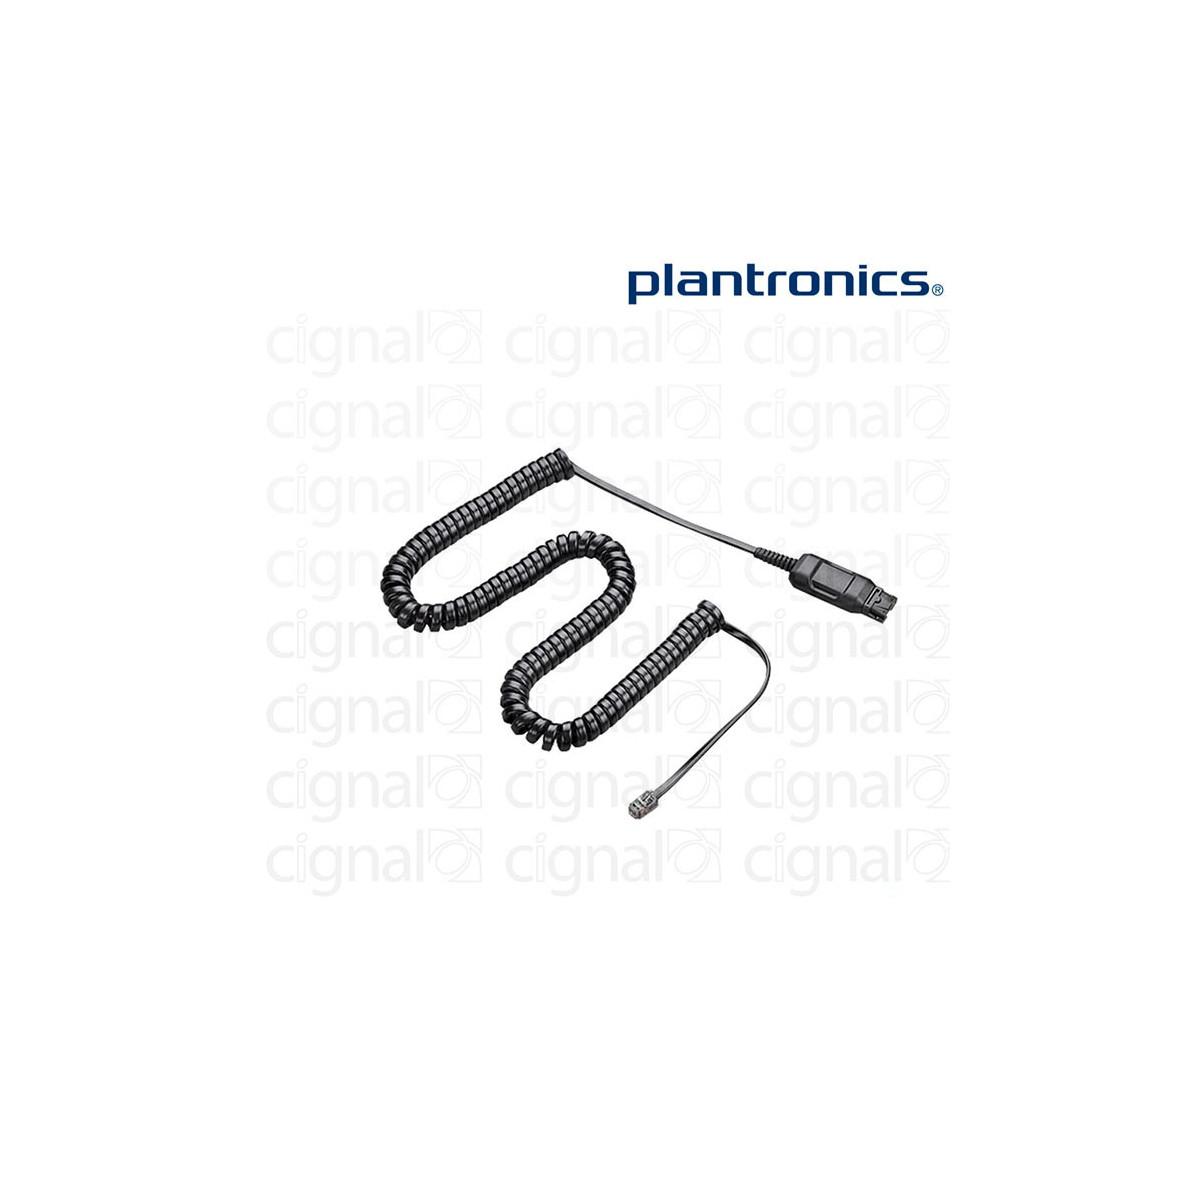 Cable adaptador Plantronics HIS-1 para teléfonos Avaya